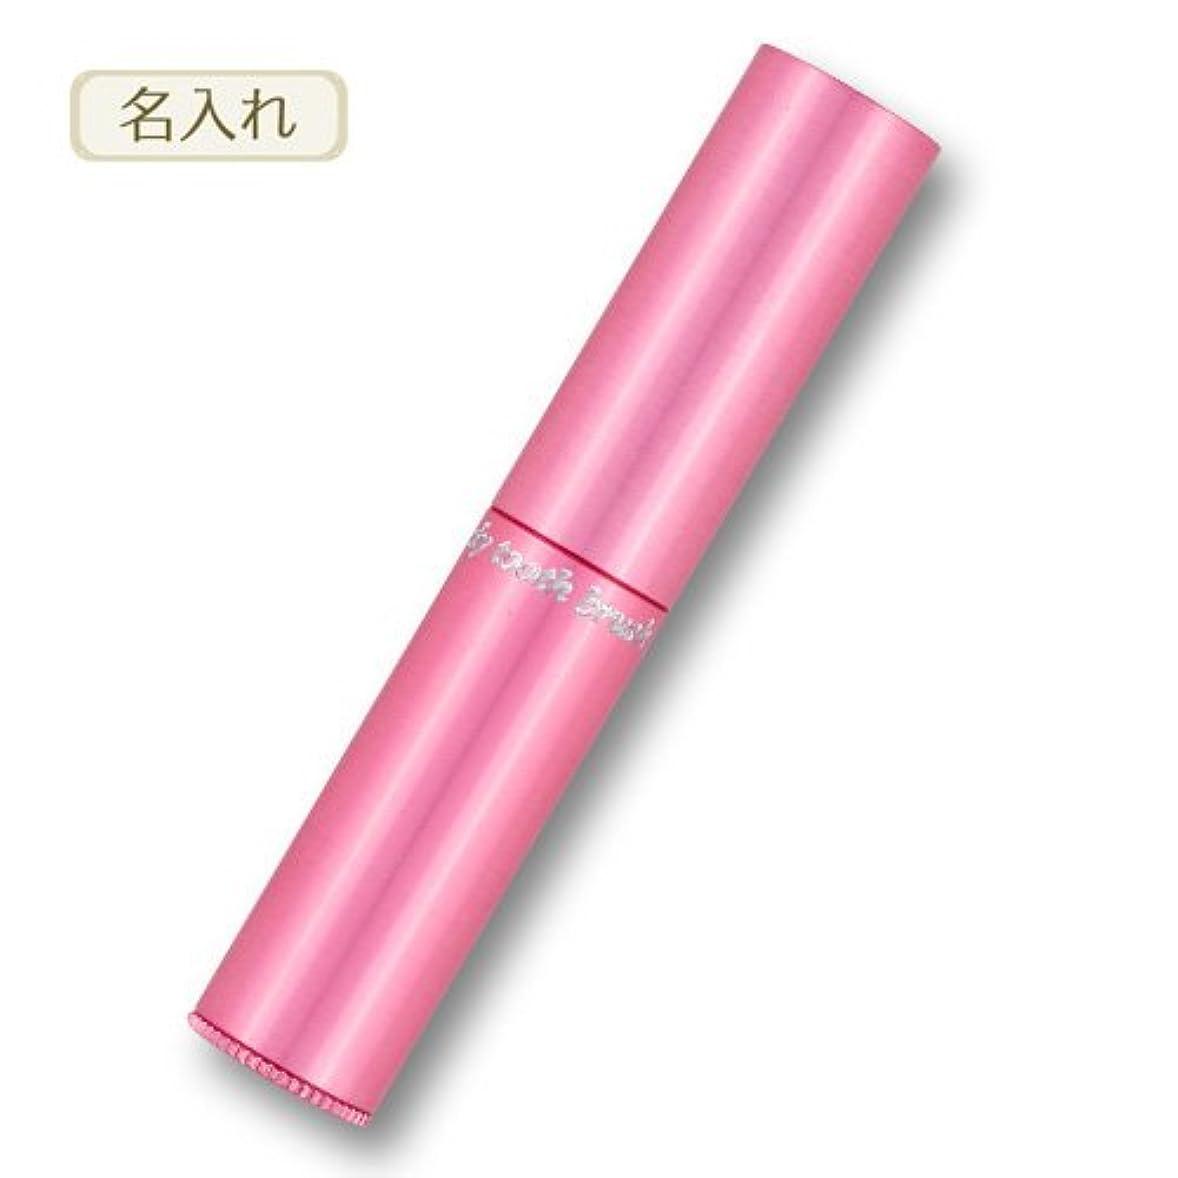 信頼性指美しい携帯歯ブラシ?タベタラmigaCO(ピンク?ネーム入り)